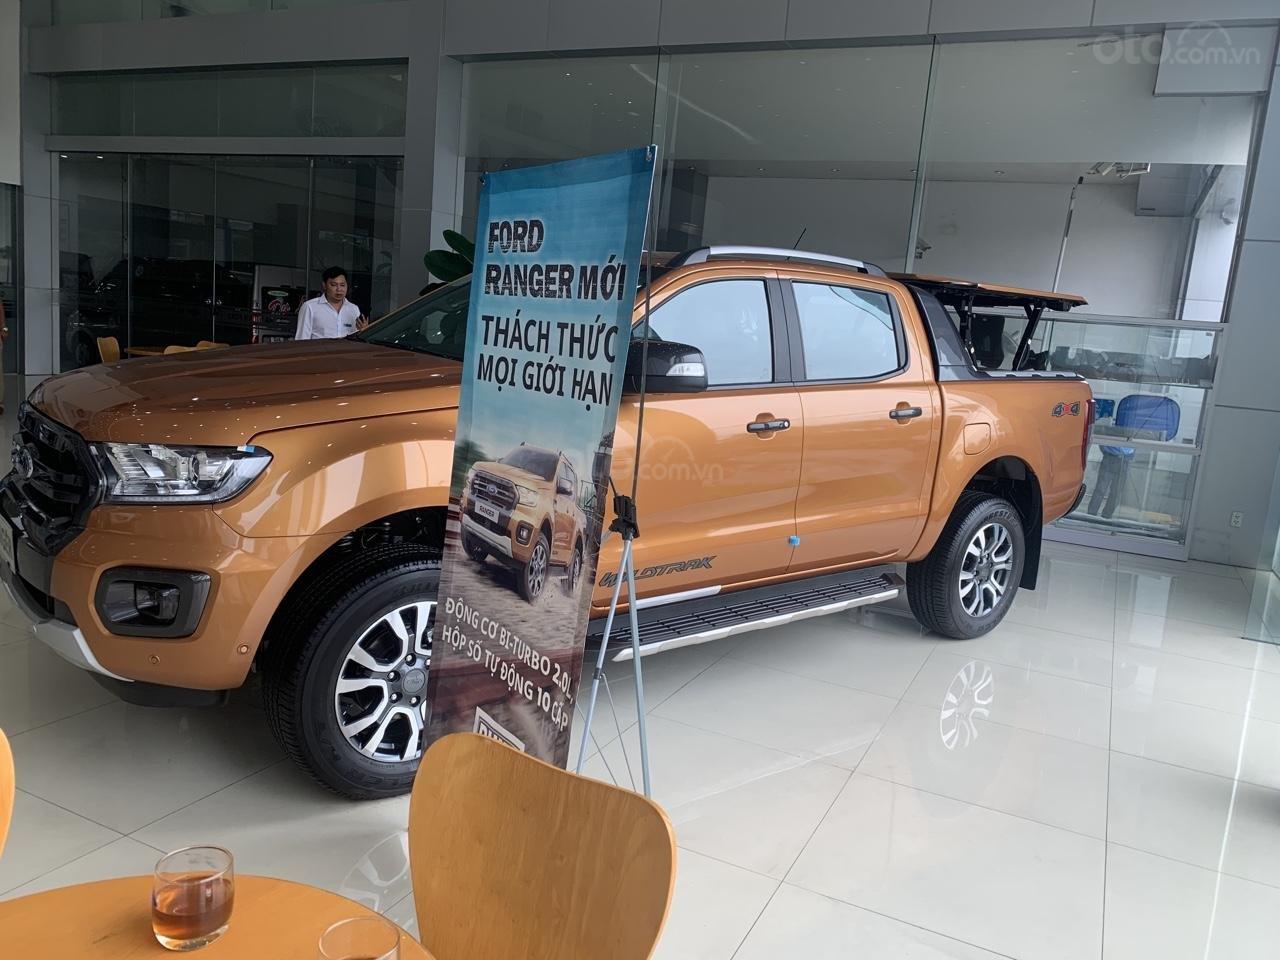 Giá xe Ford Ranger rẻ nhất miền Bắc, xe nhập Thái Lan đầy đủ màu sắc, lấy xe chỉ với 150tr, liên hệ ngay 0938568583 (3)